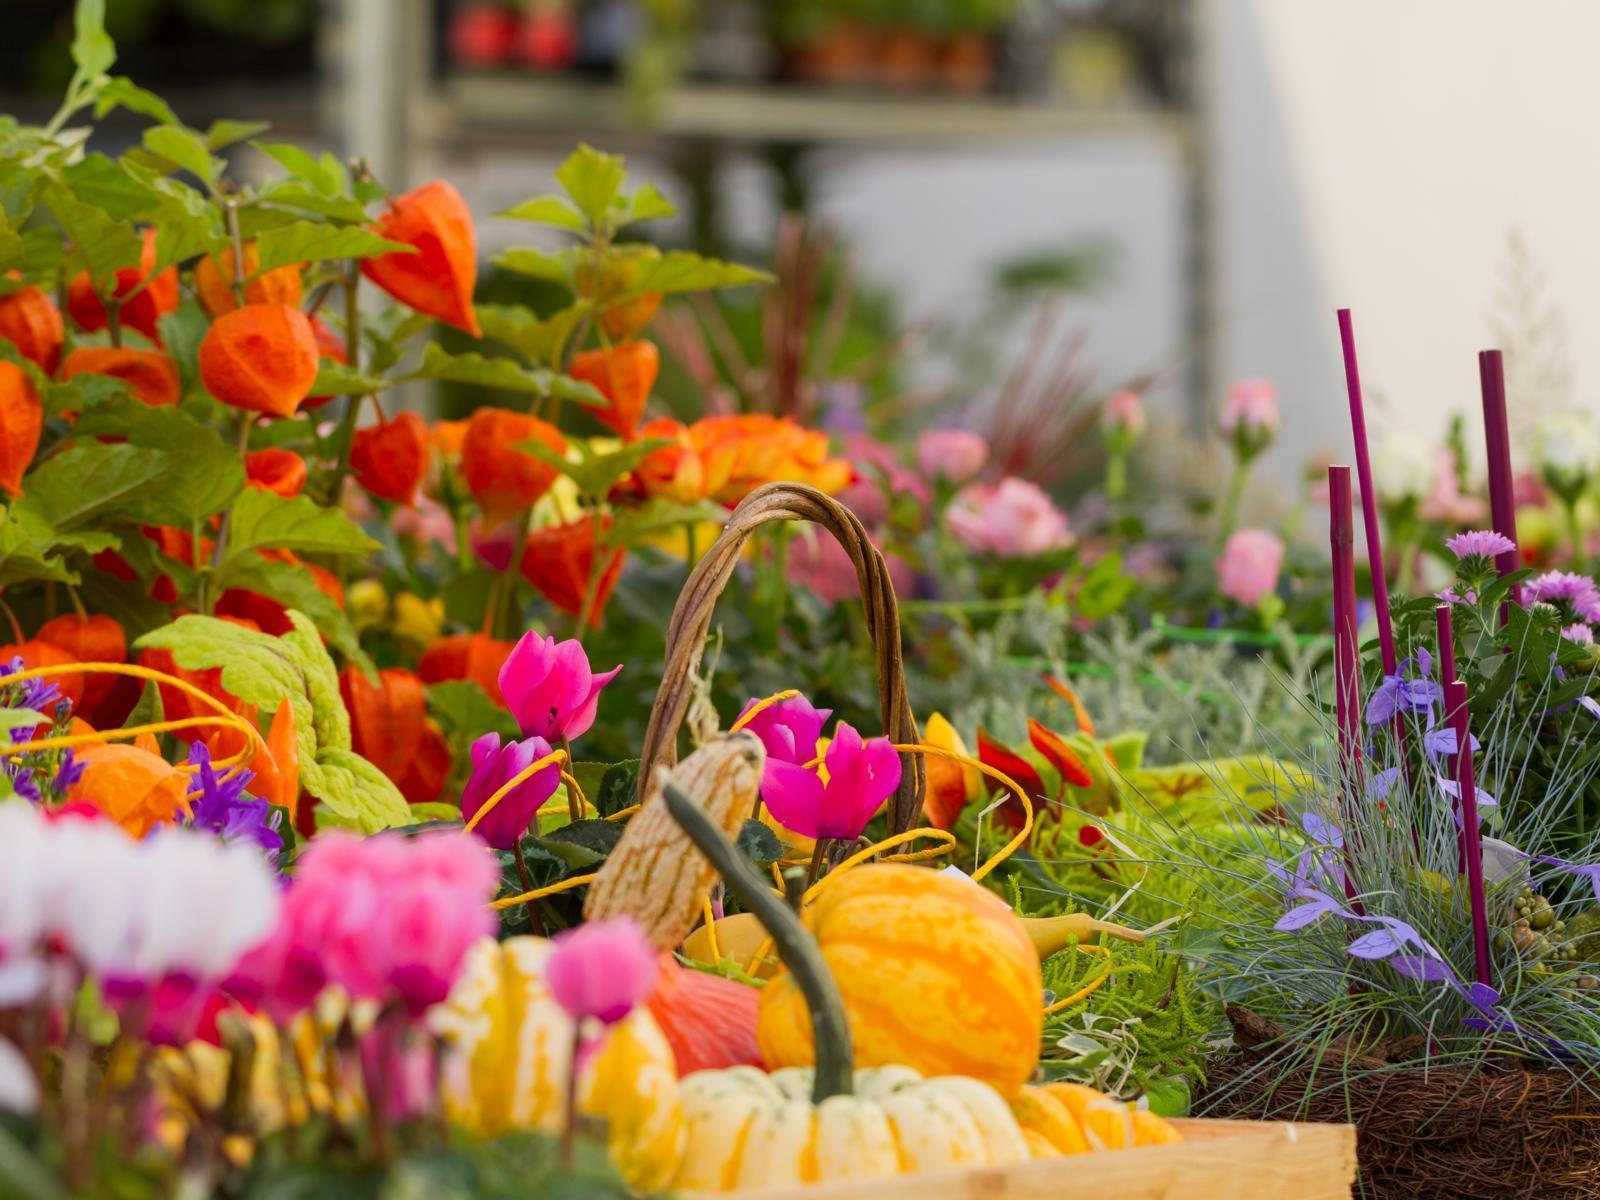 Glurnser Laubenmarkt: Blumen- und Gartenmarkt